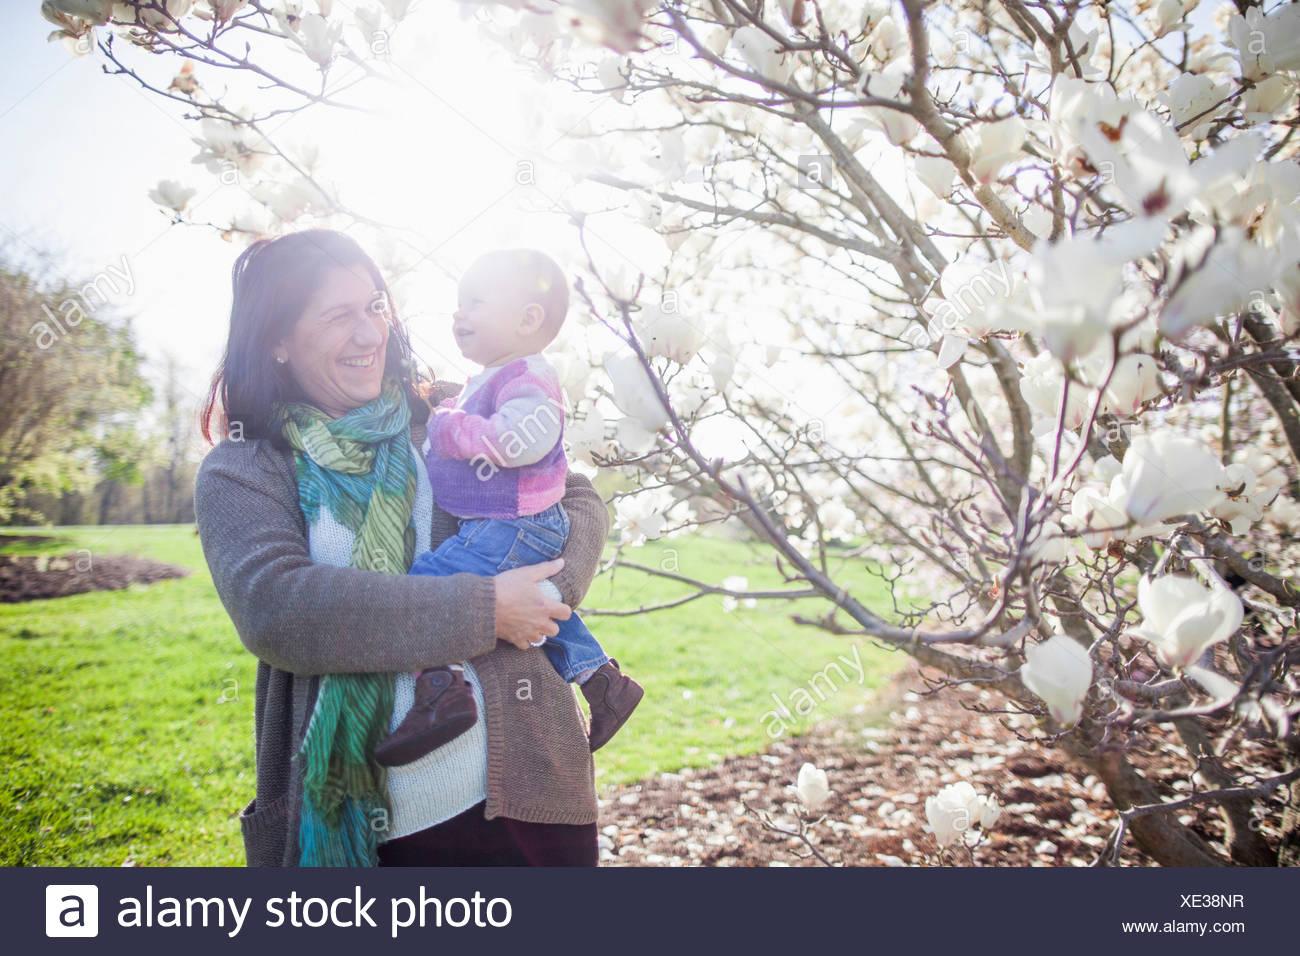 Porträt des Mädchens und Großmutter neben Magnolien blühen Stockbild